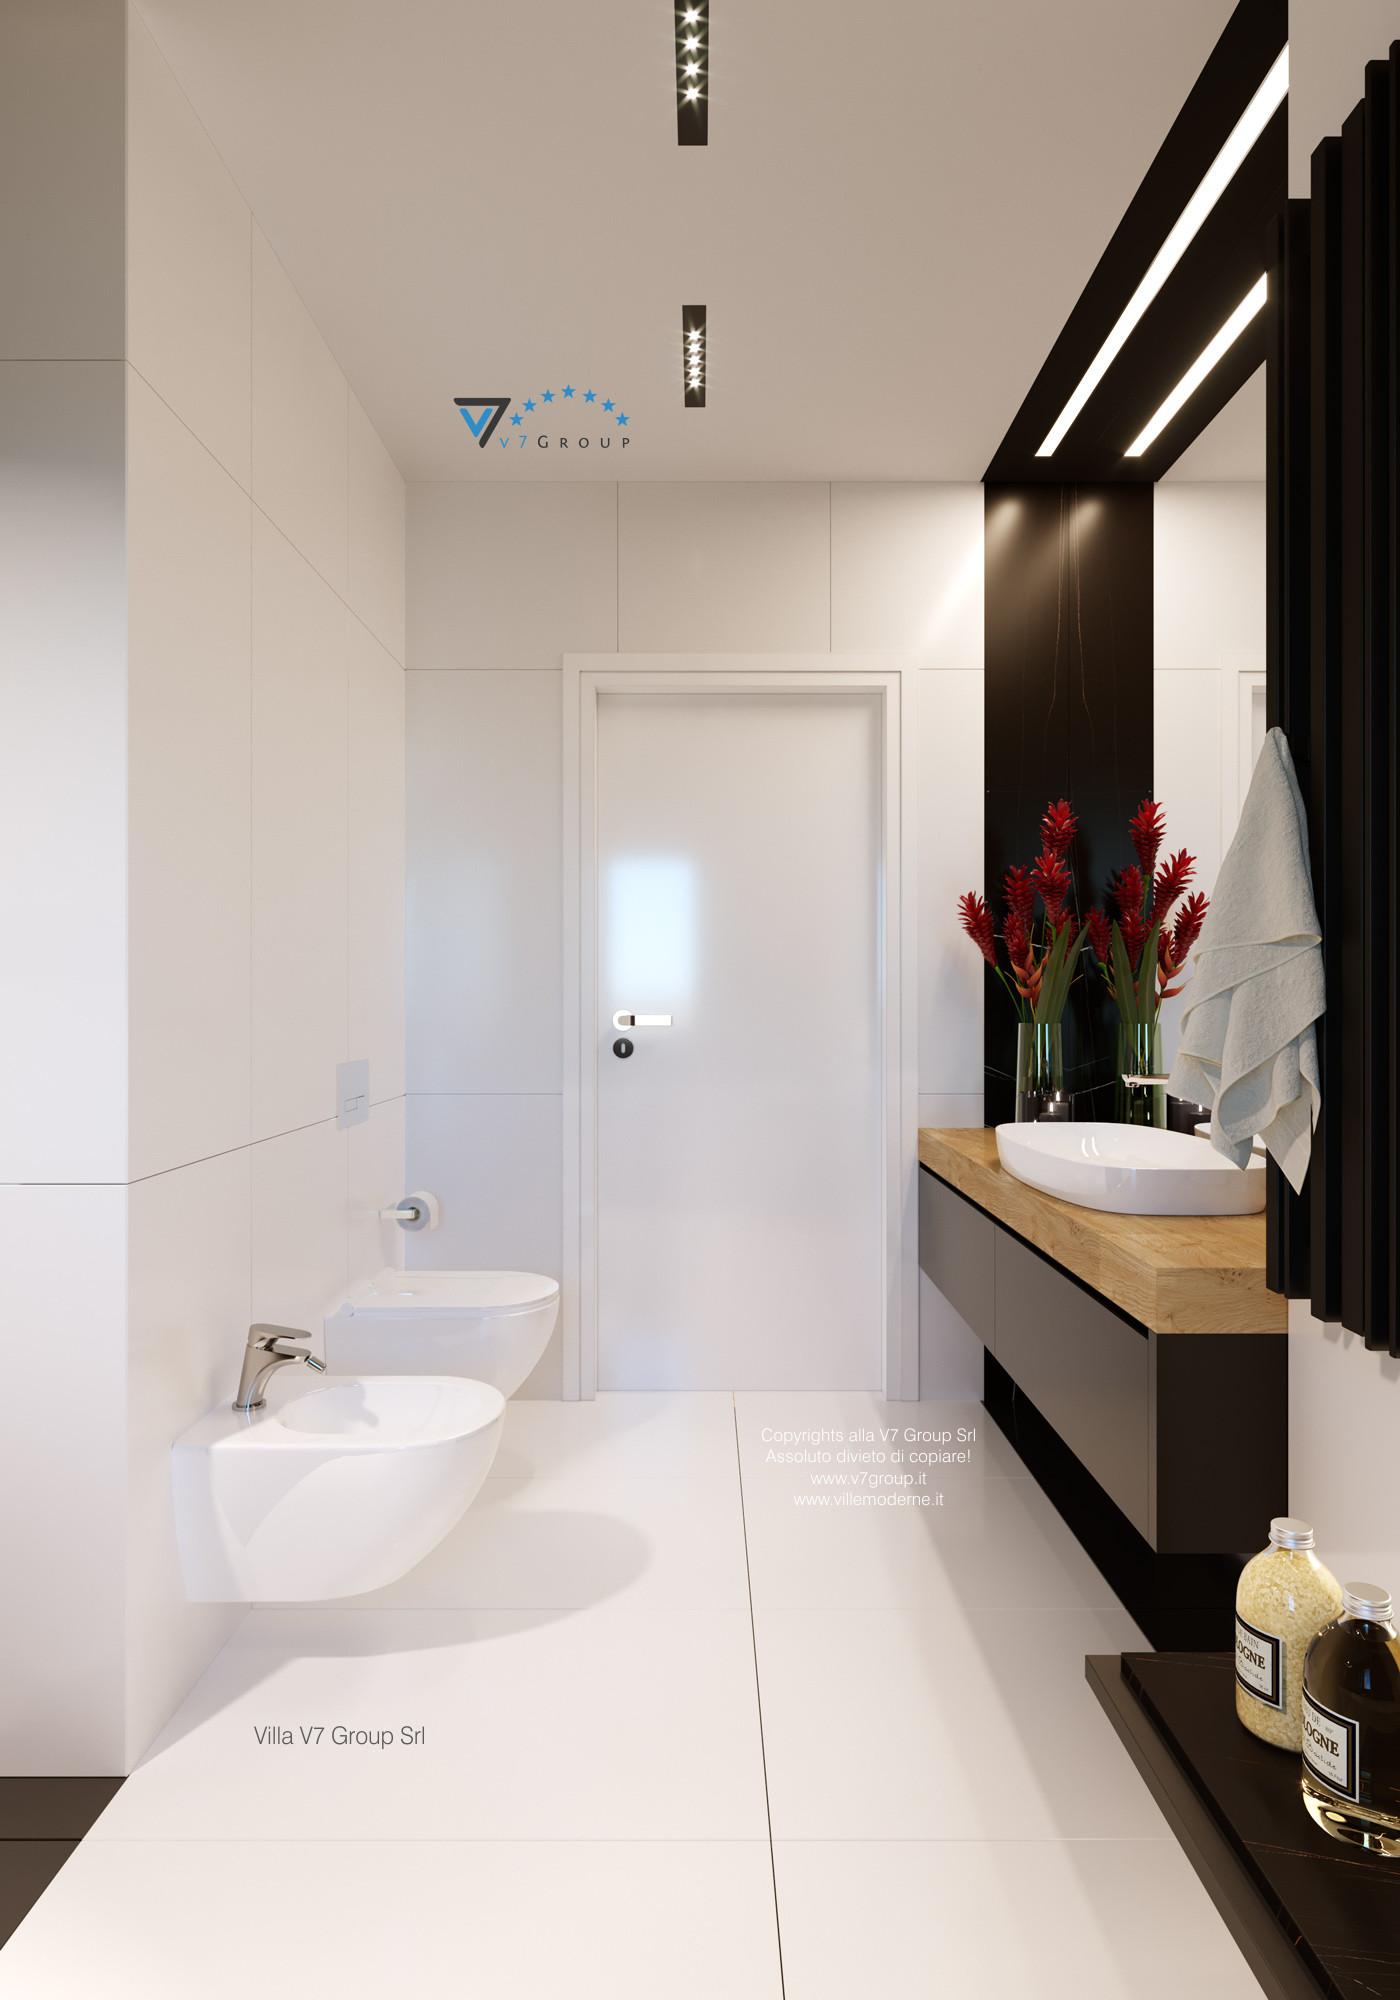 Immagine Villa V55 (progetto originale) - interno 11 - bagno